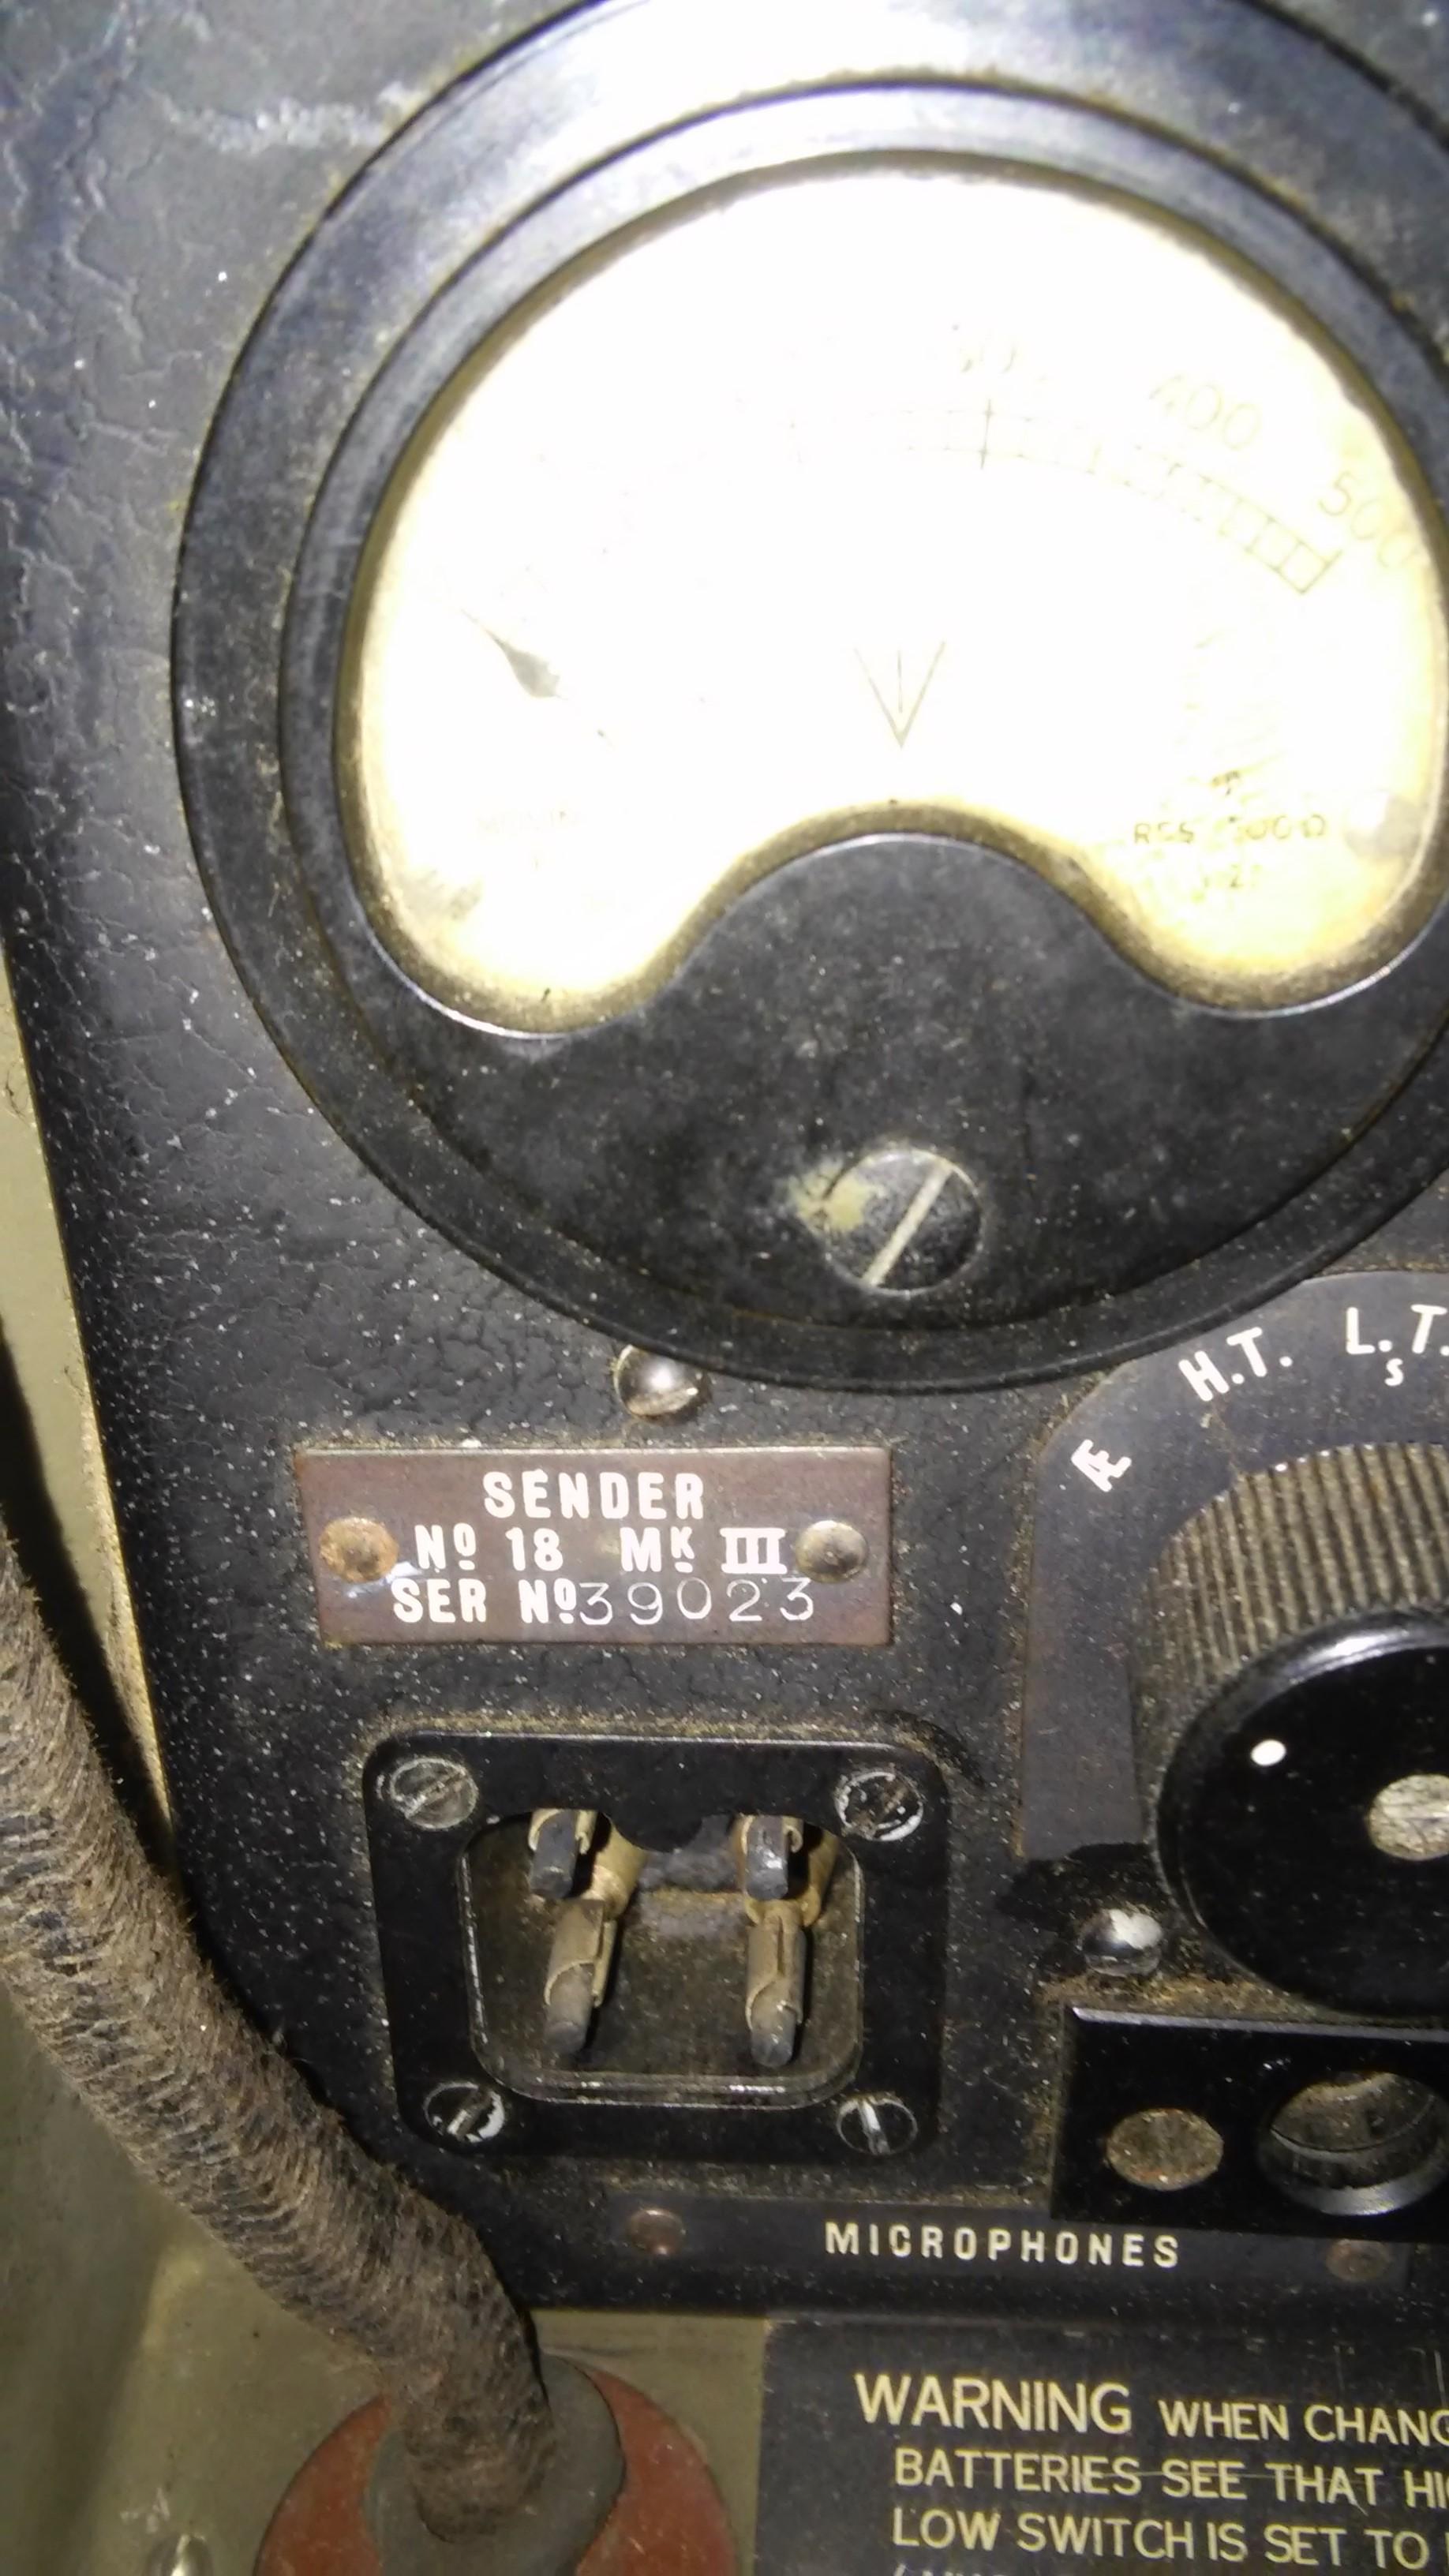 Wireless Set 18, Sender Serial Number